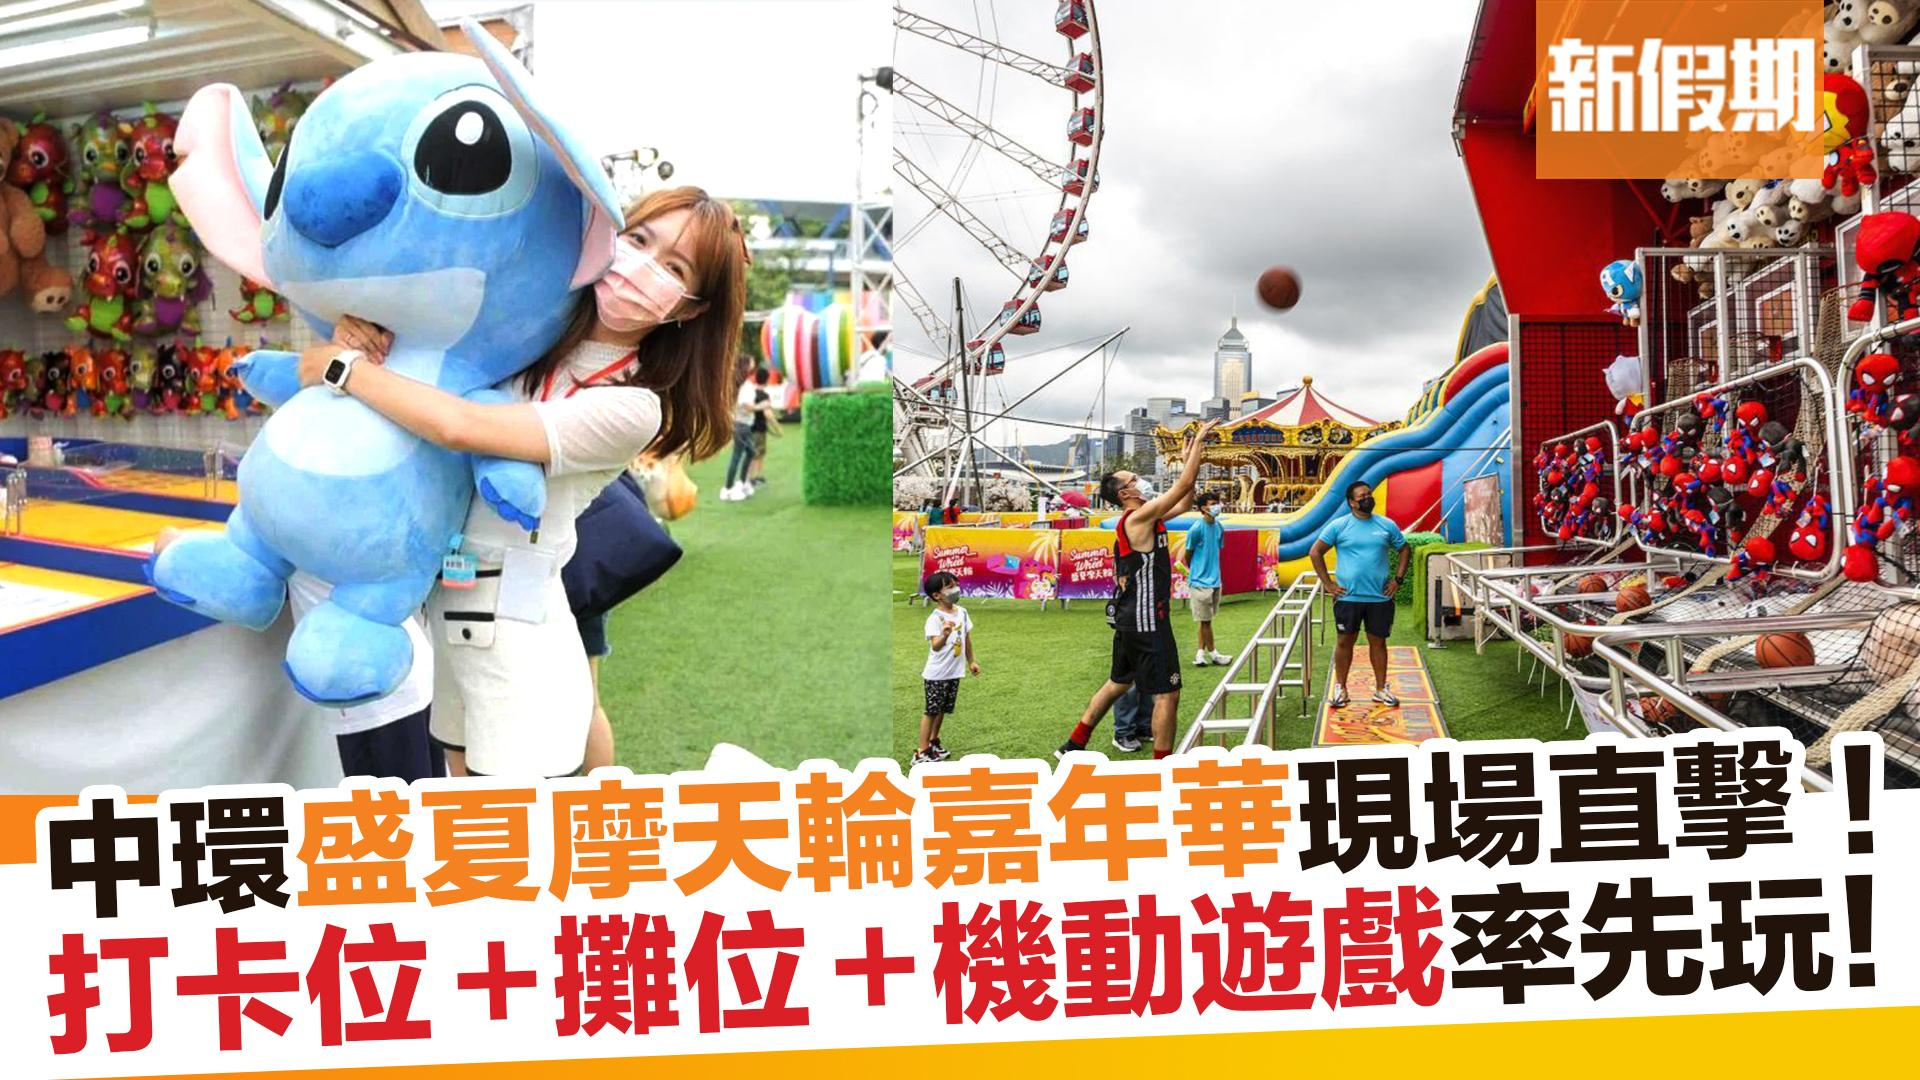 【香港好去處】中環盛夏摩天輪嘉年華現場直擊!20個巨型打卡位+大型機動遊戲 碰碰車+旋轉木馬+跳彈床 新假期